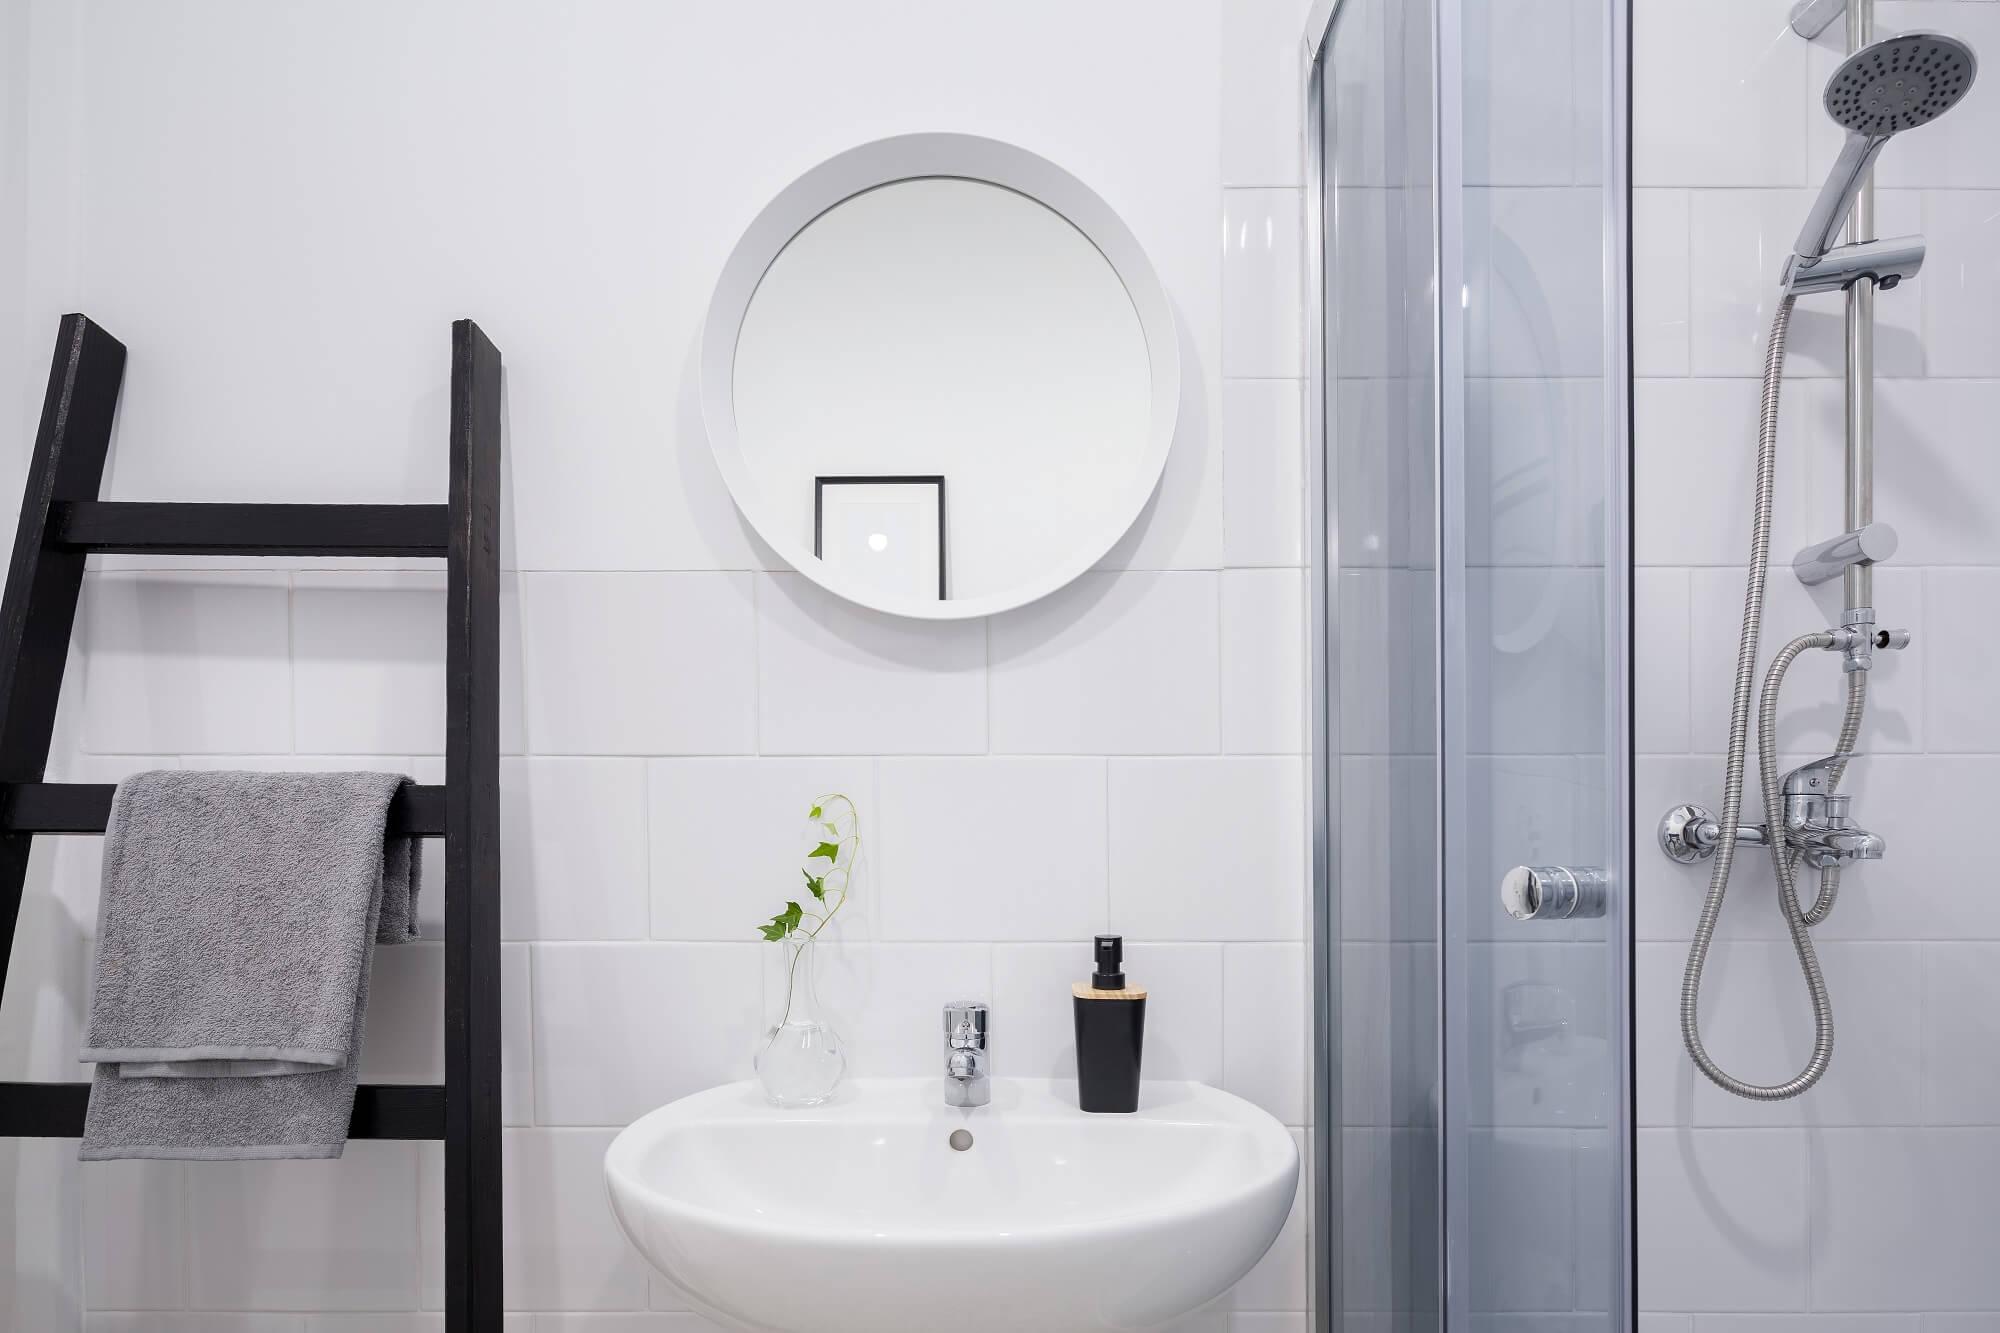 Gestaltungsmoeglichkeiten_fuer_ein_kleines_Badezimmer_mit_Dusche